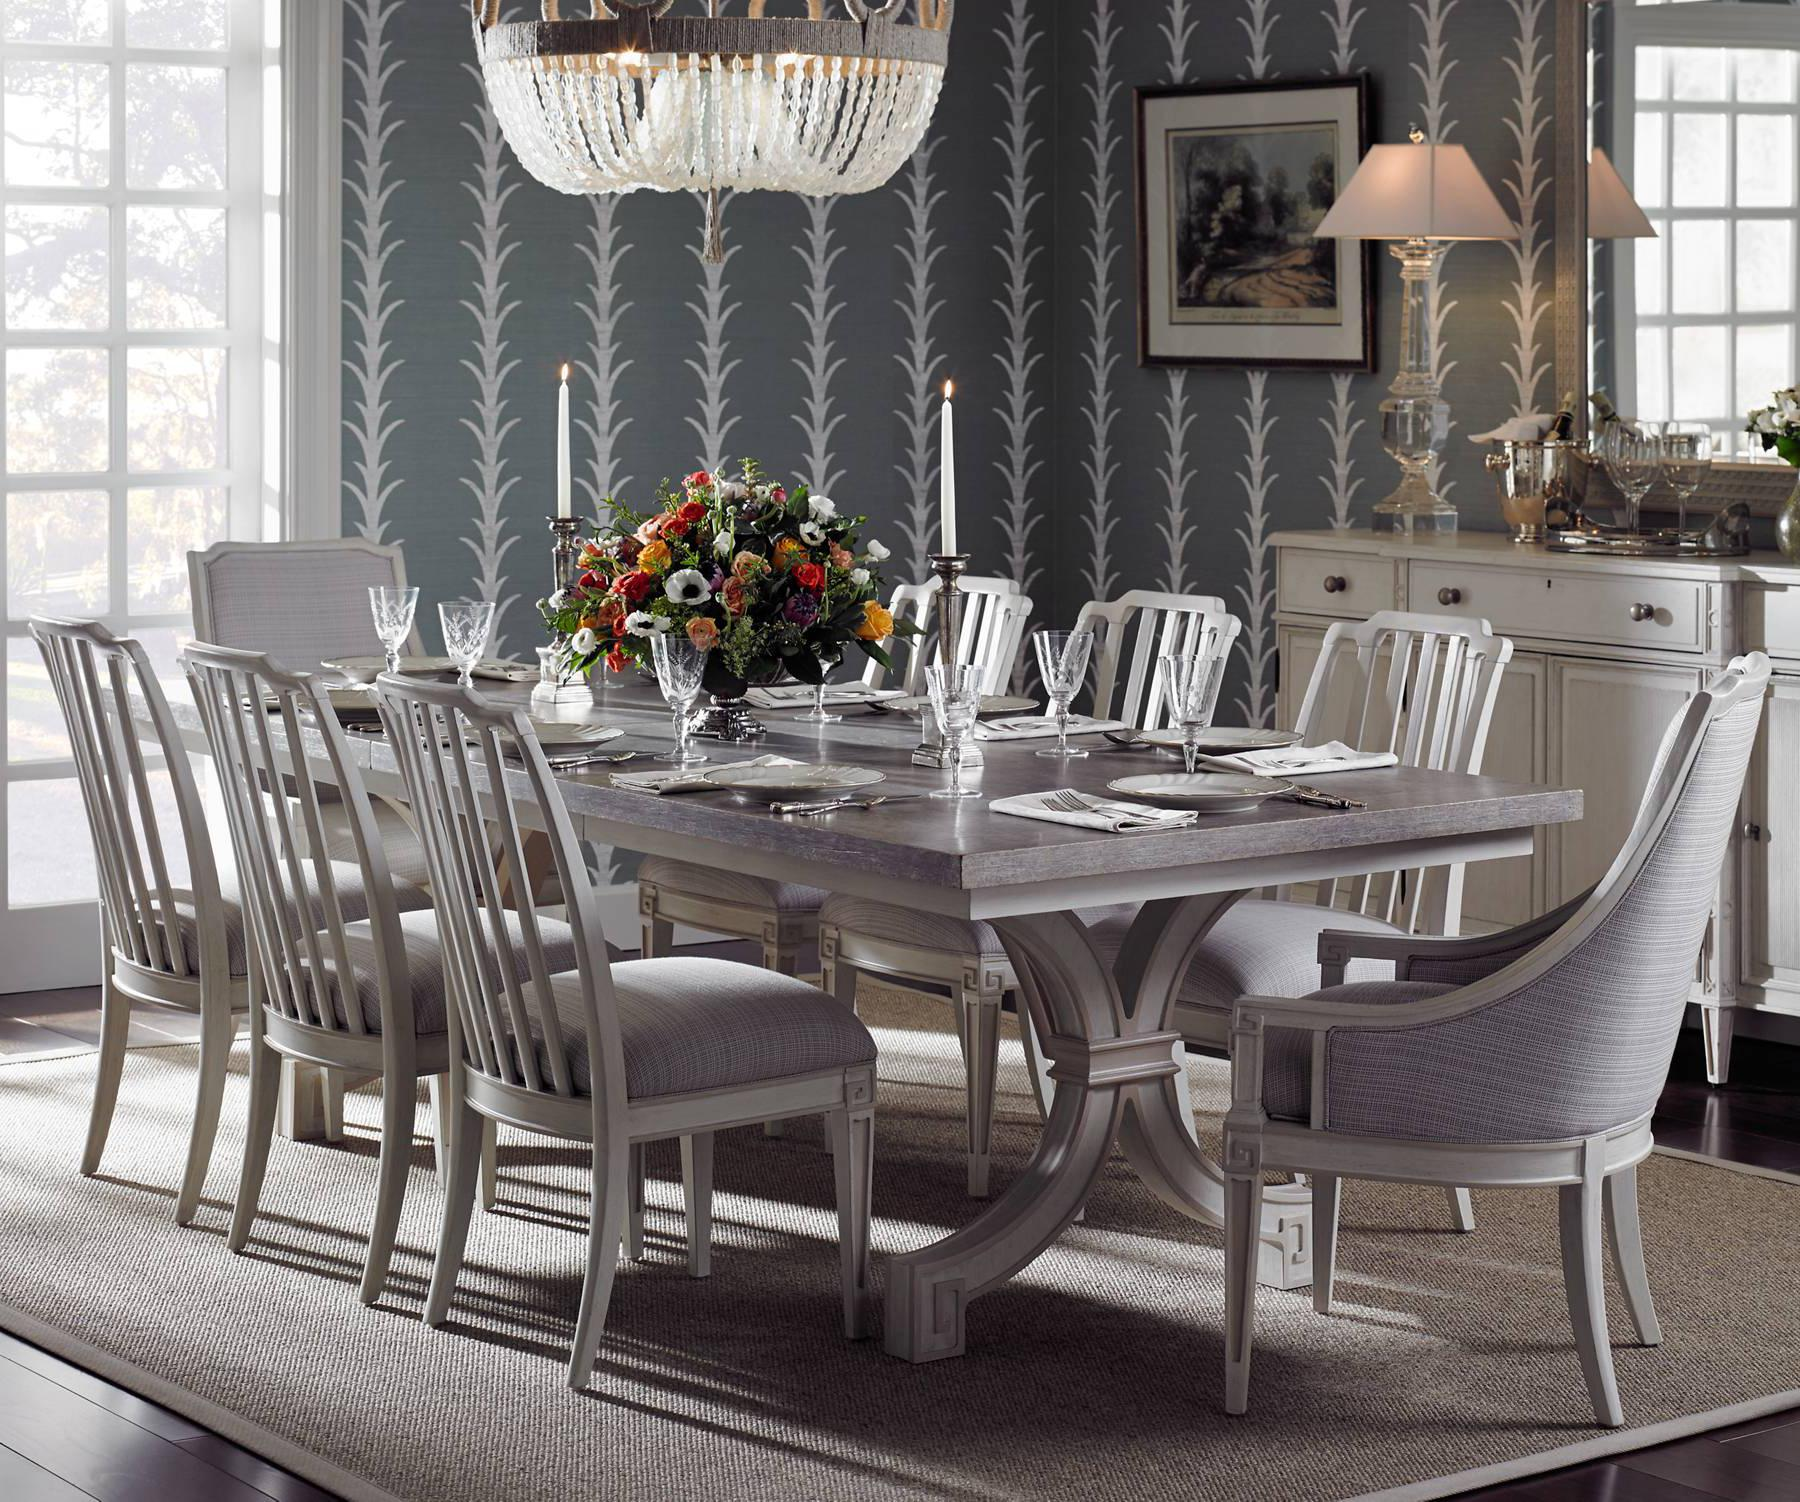 Stanley furniture preserve 9 piece st helena trestle for Stanley furniture dining room sets